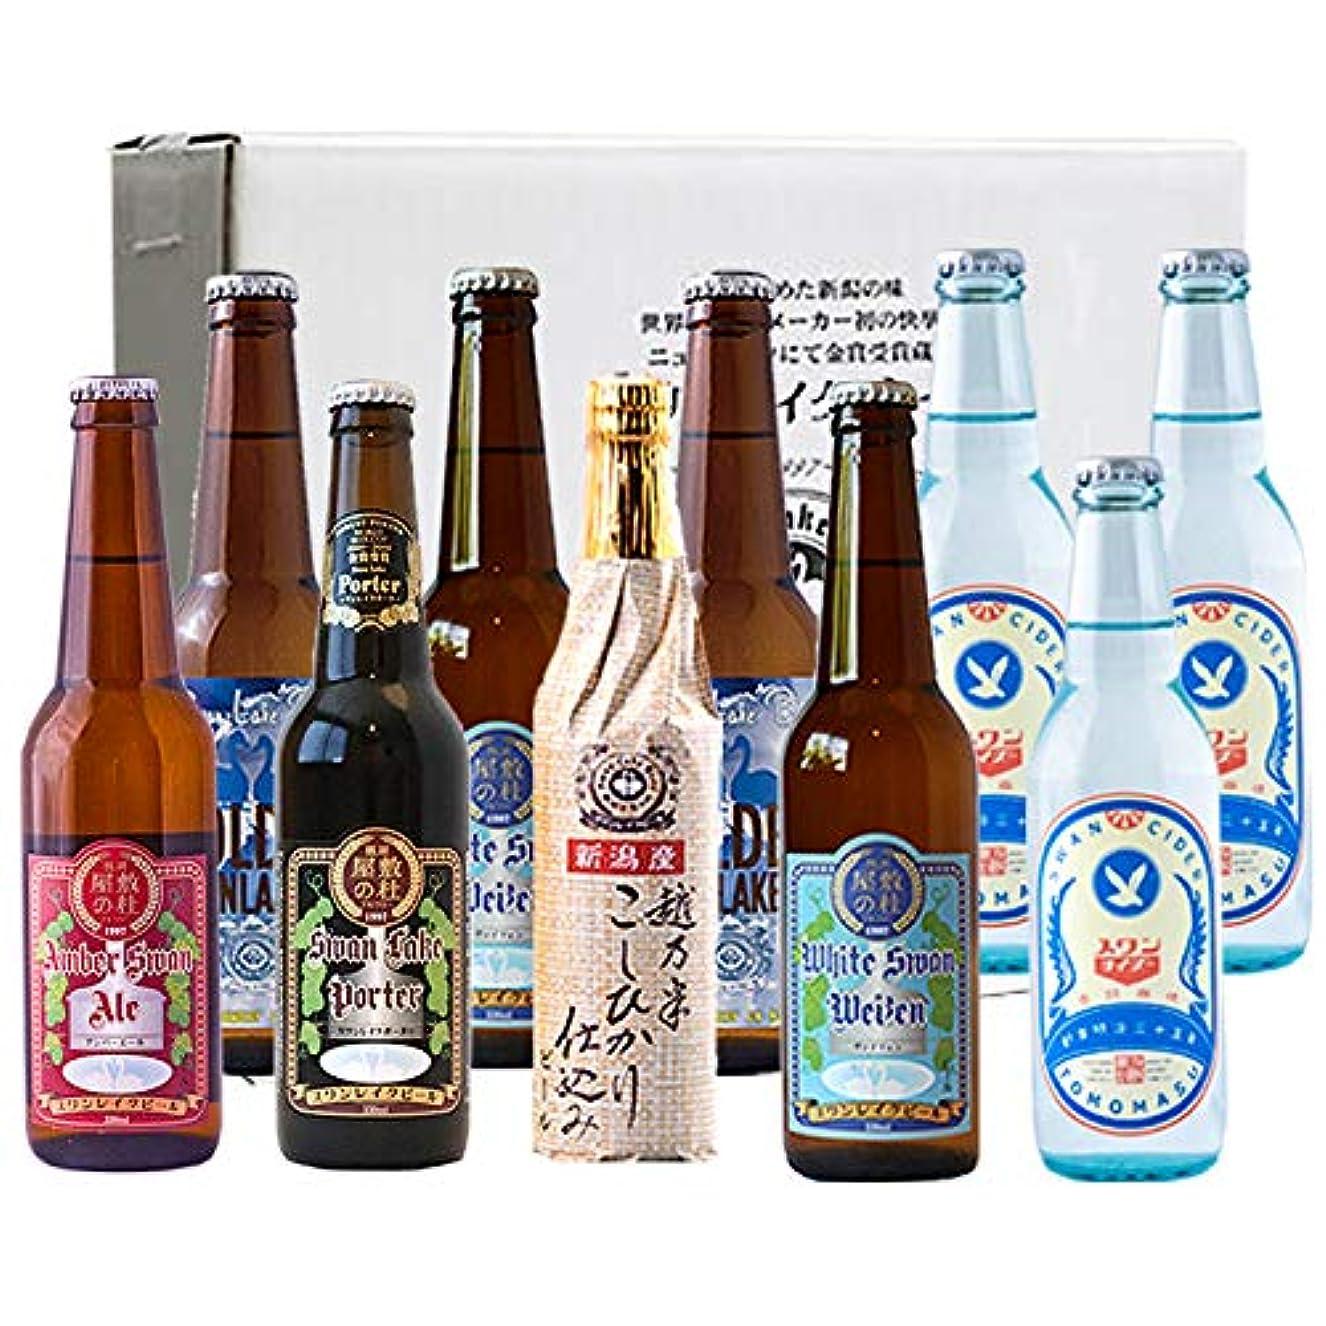 格差報酬見通しビール クラフトビール スワンレイクビール 金賞ビール &スワンサイダー10本セット